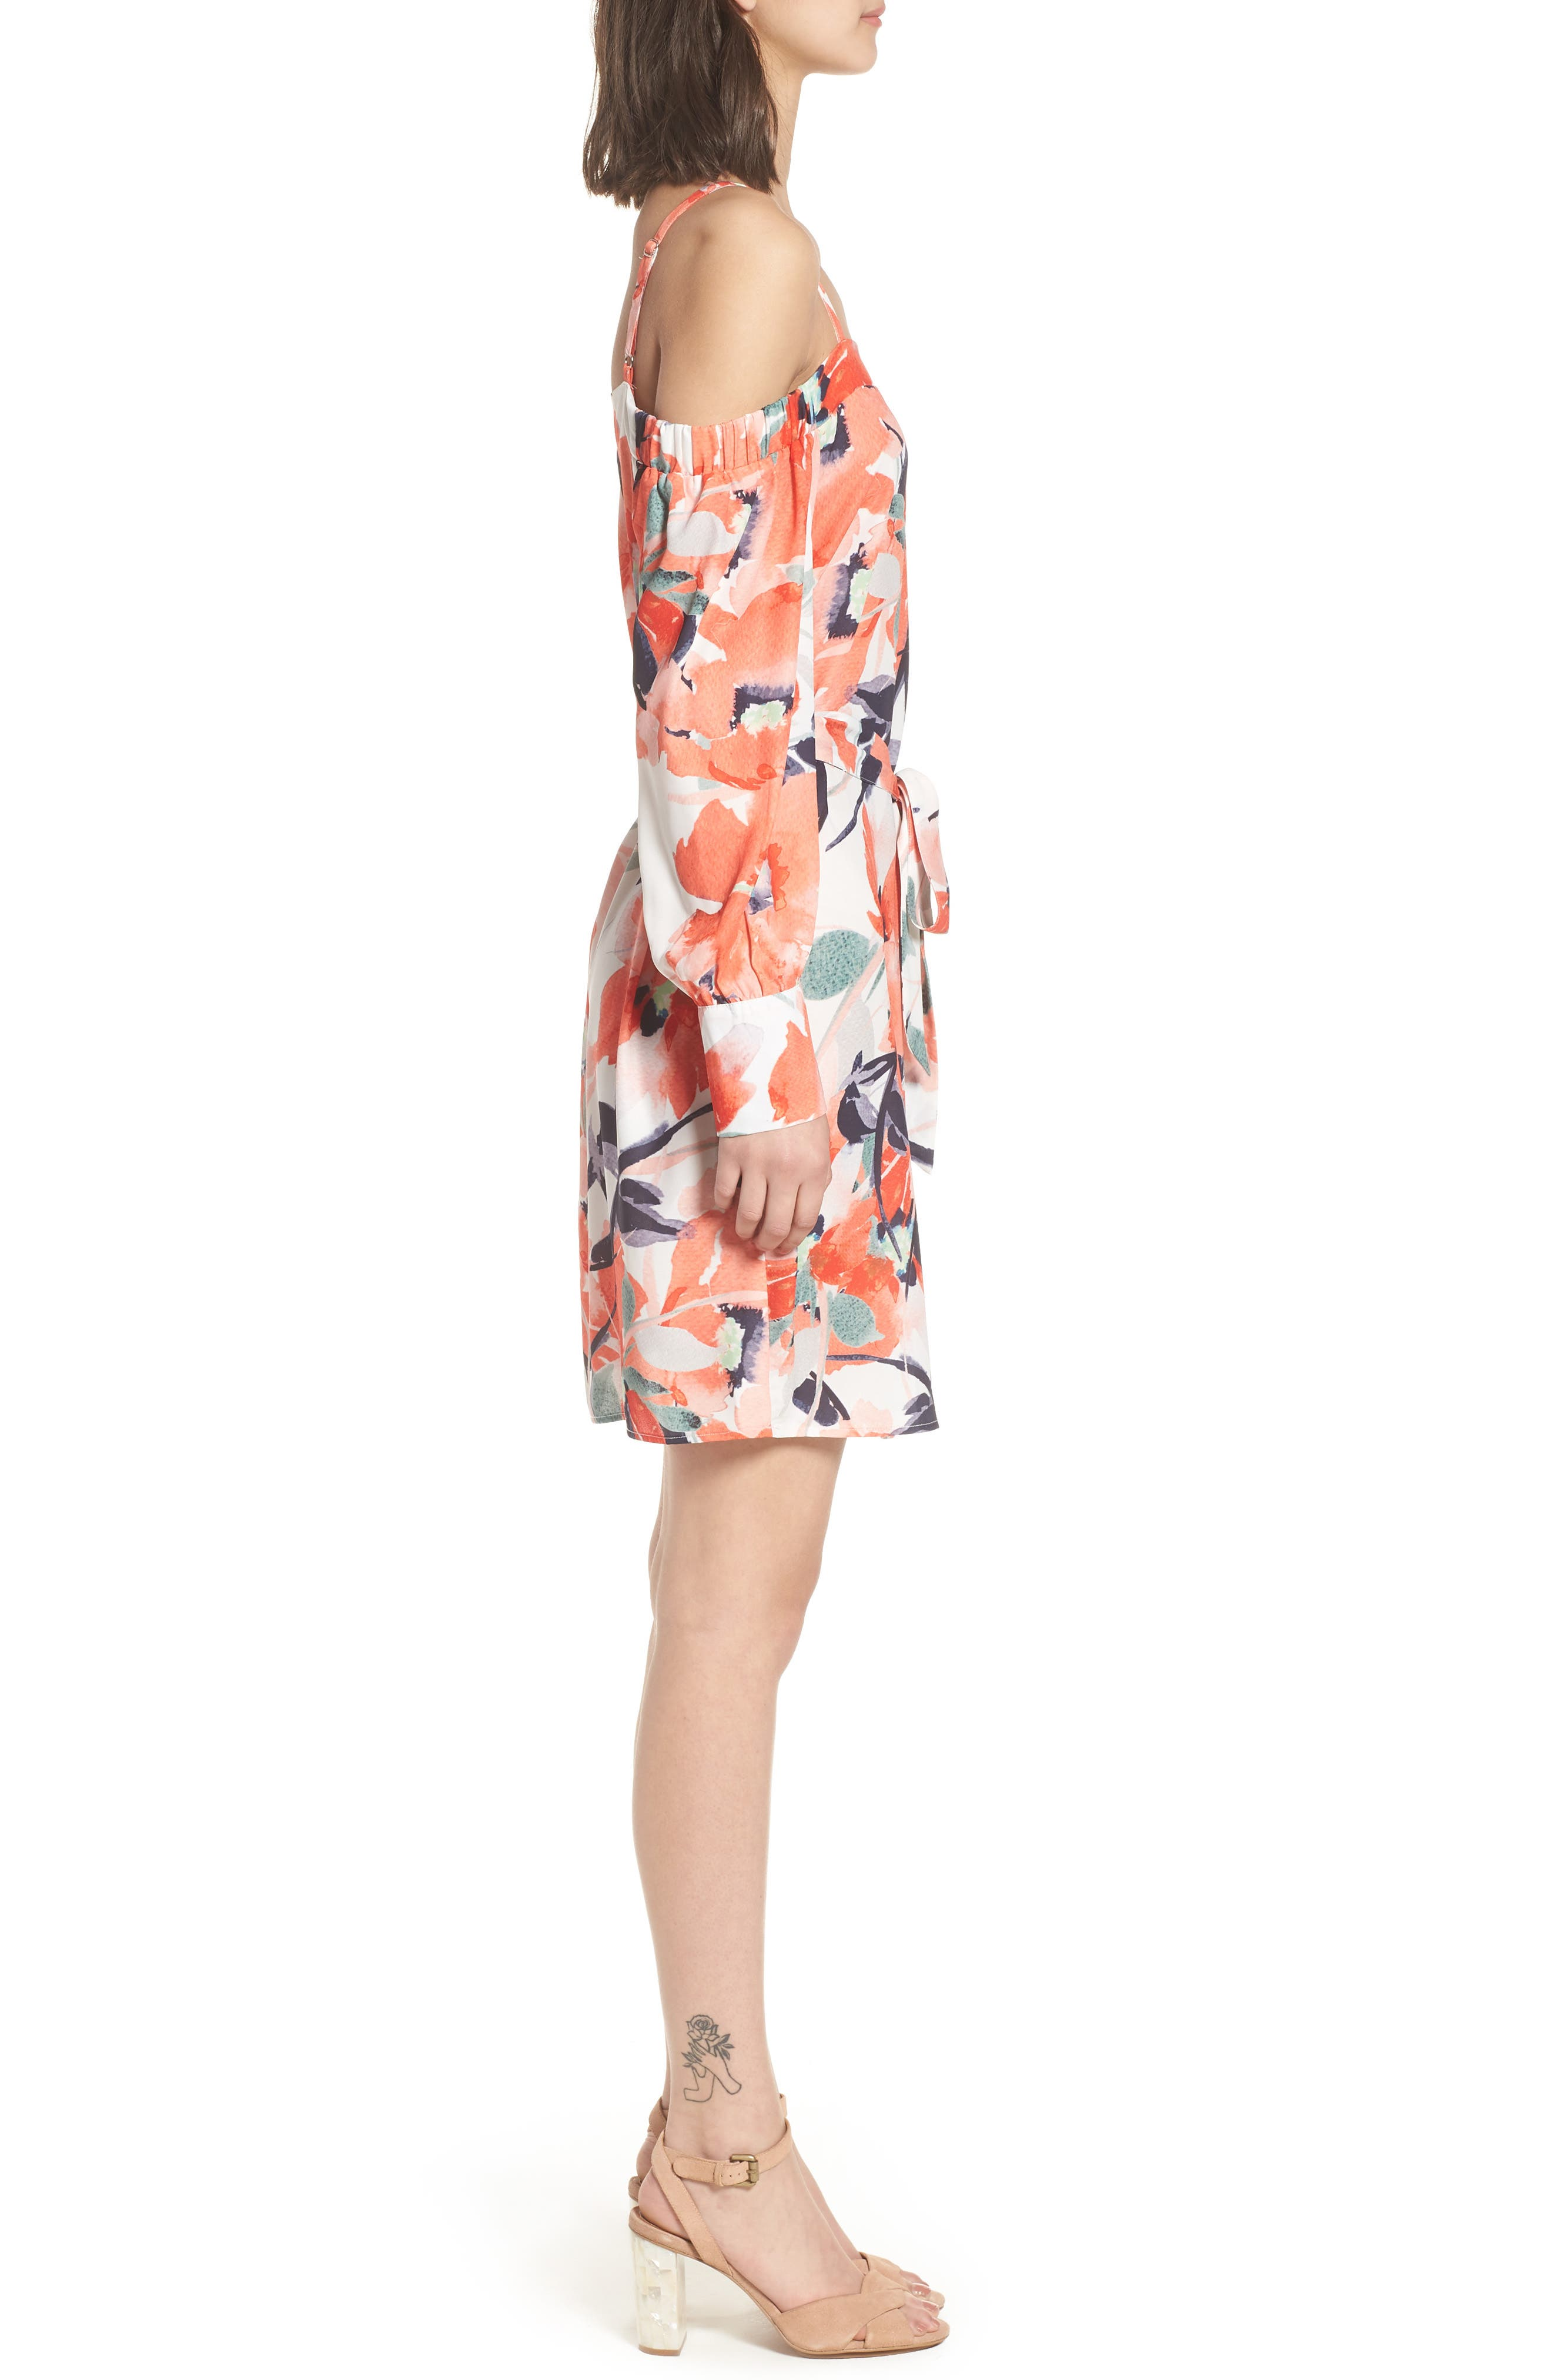 Bishop + Young Chrissy Cold Shoulder Dress,                             Alternate thumbnail 3, color,                             Print